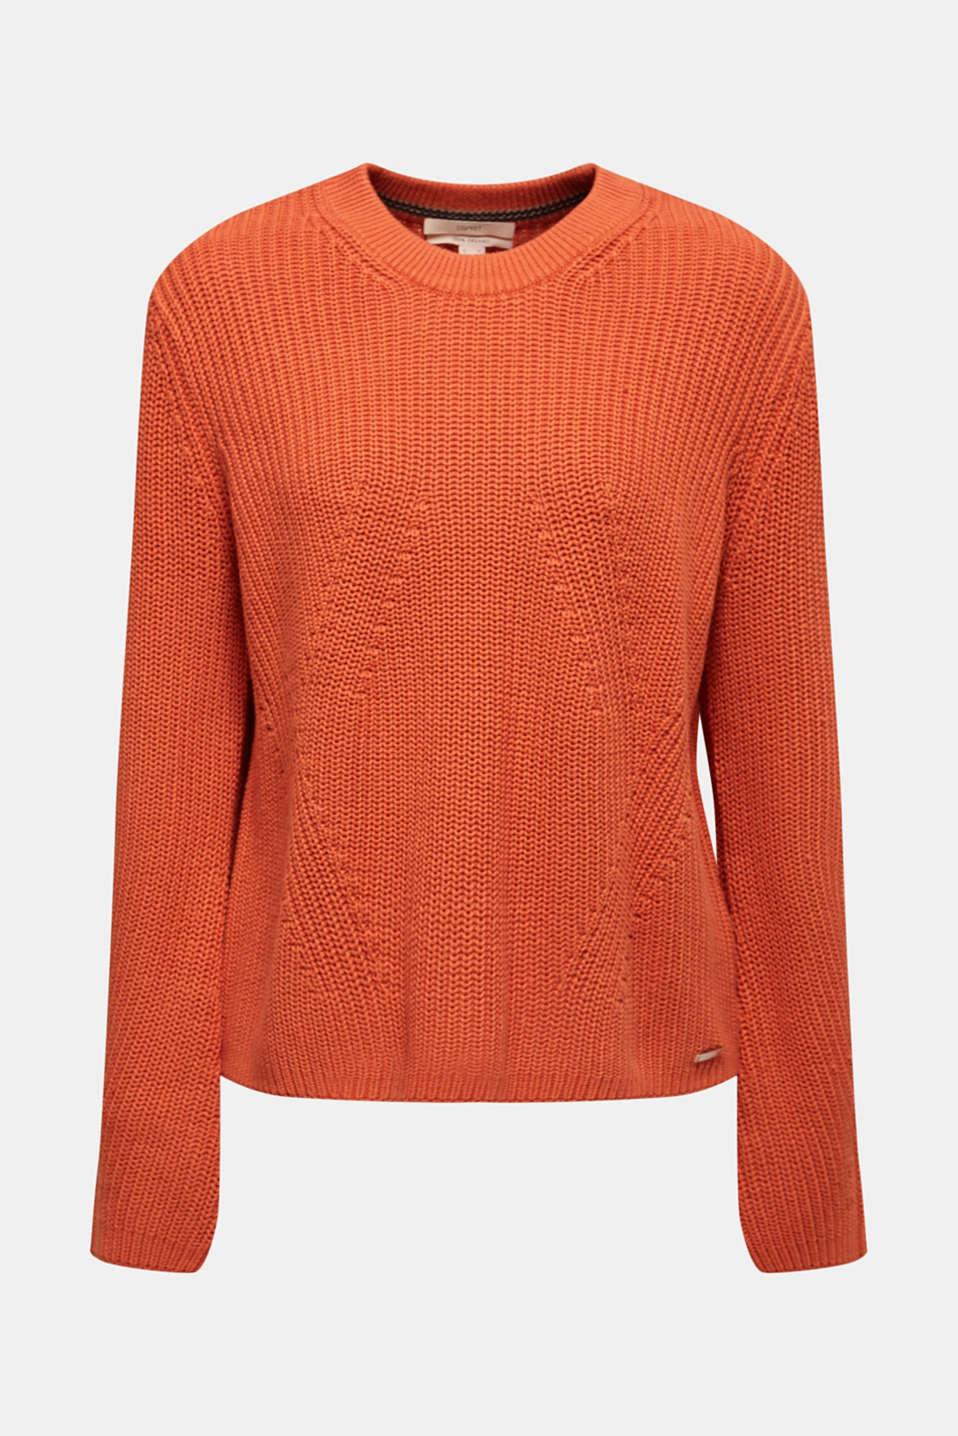 Melange textured jumper, 100% cotton, BURNT ORANGE, detail image number 6